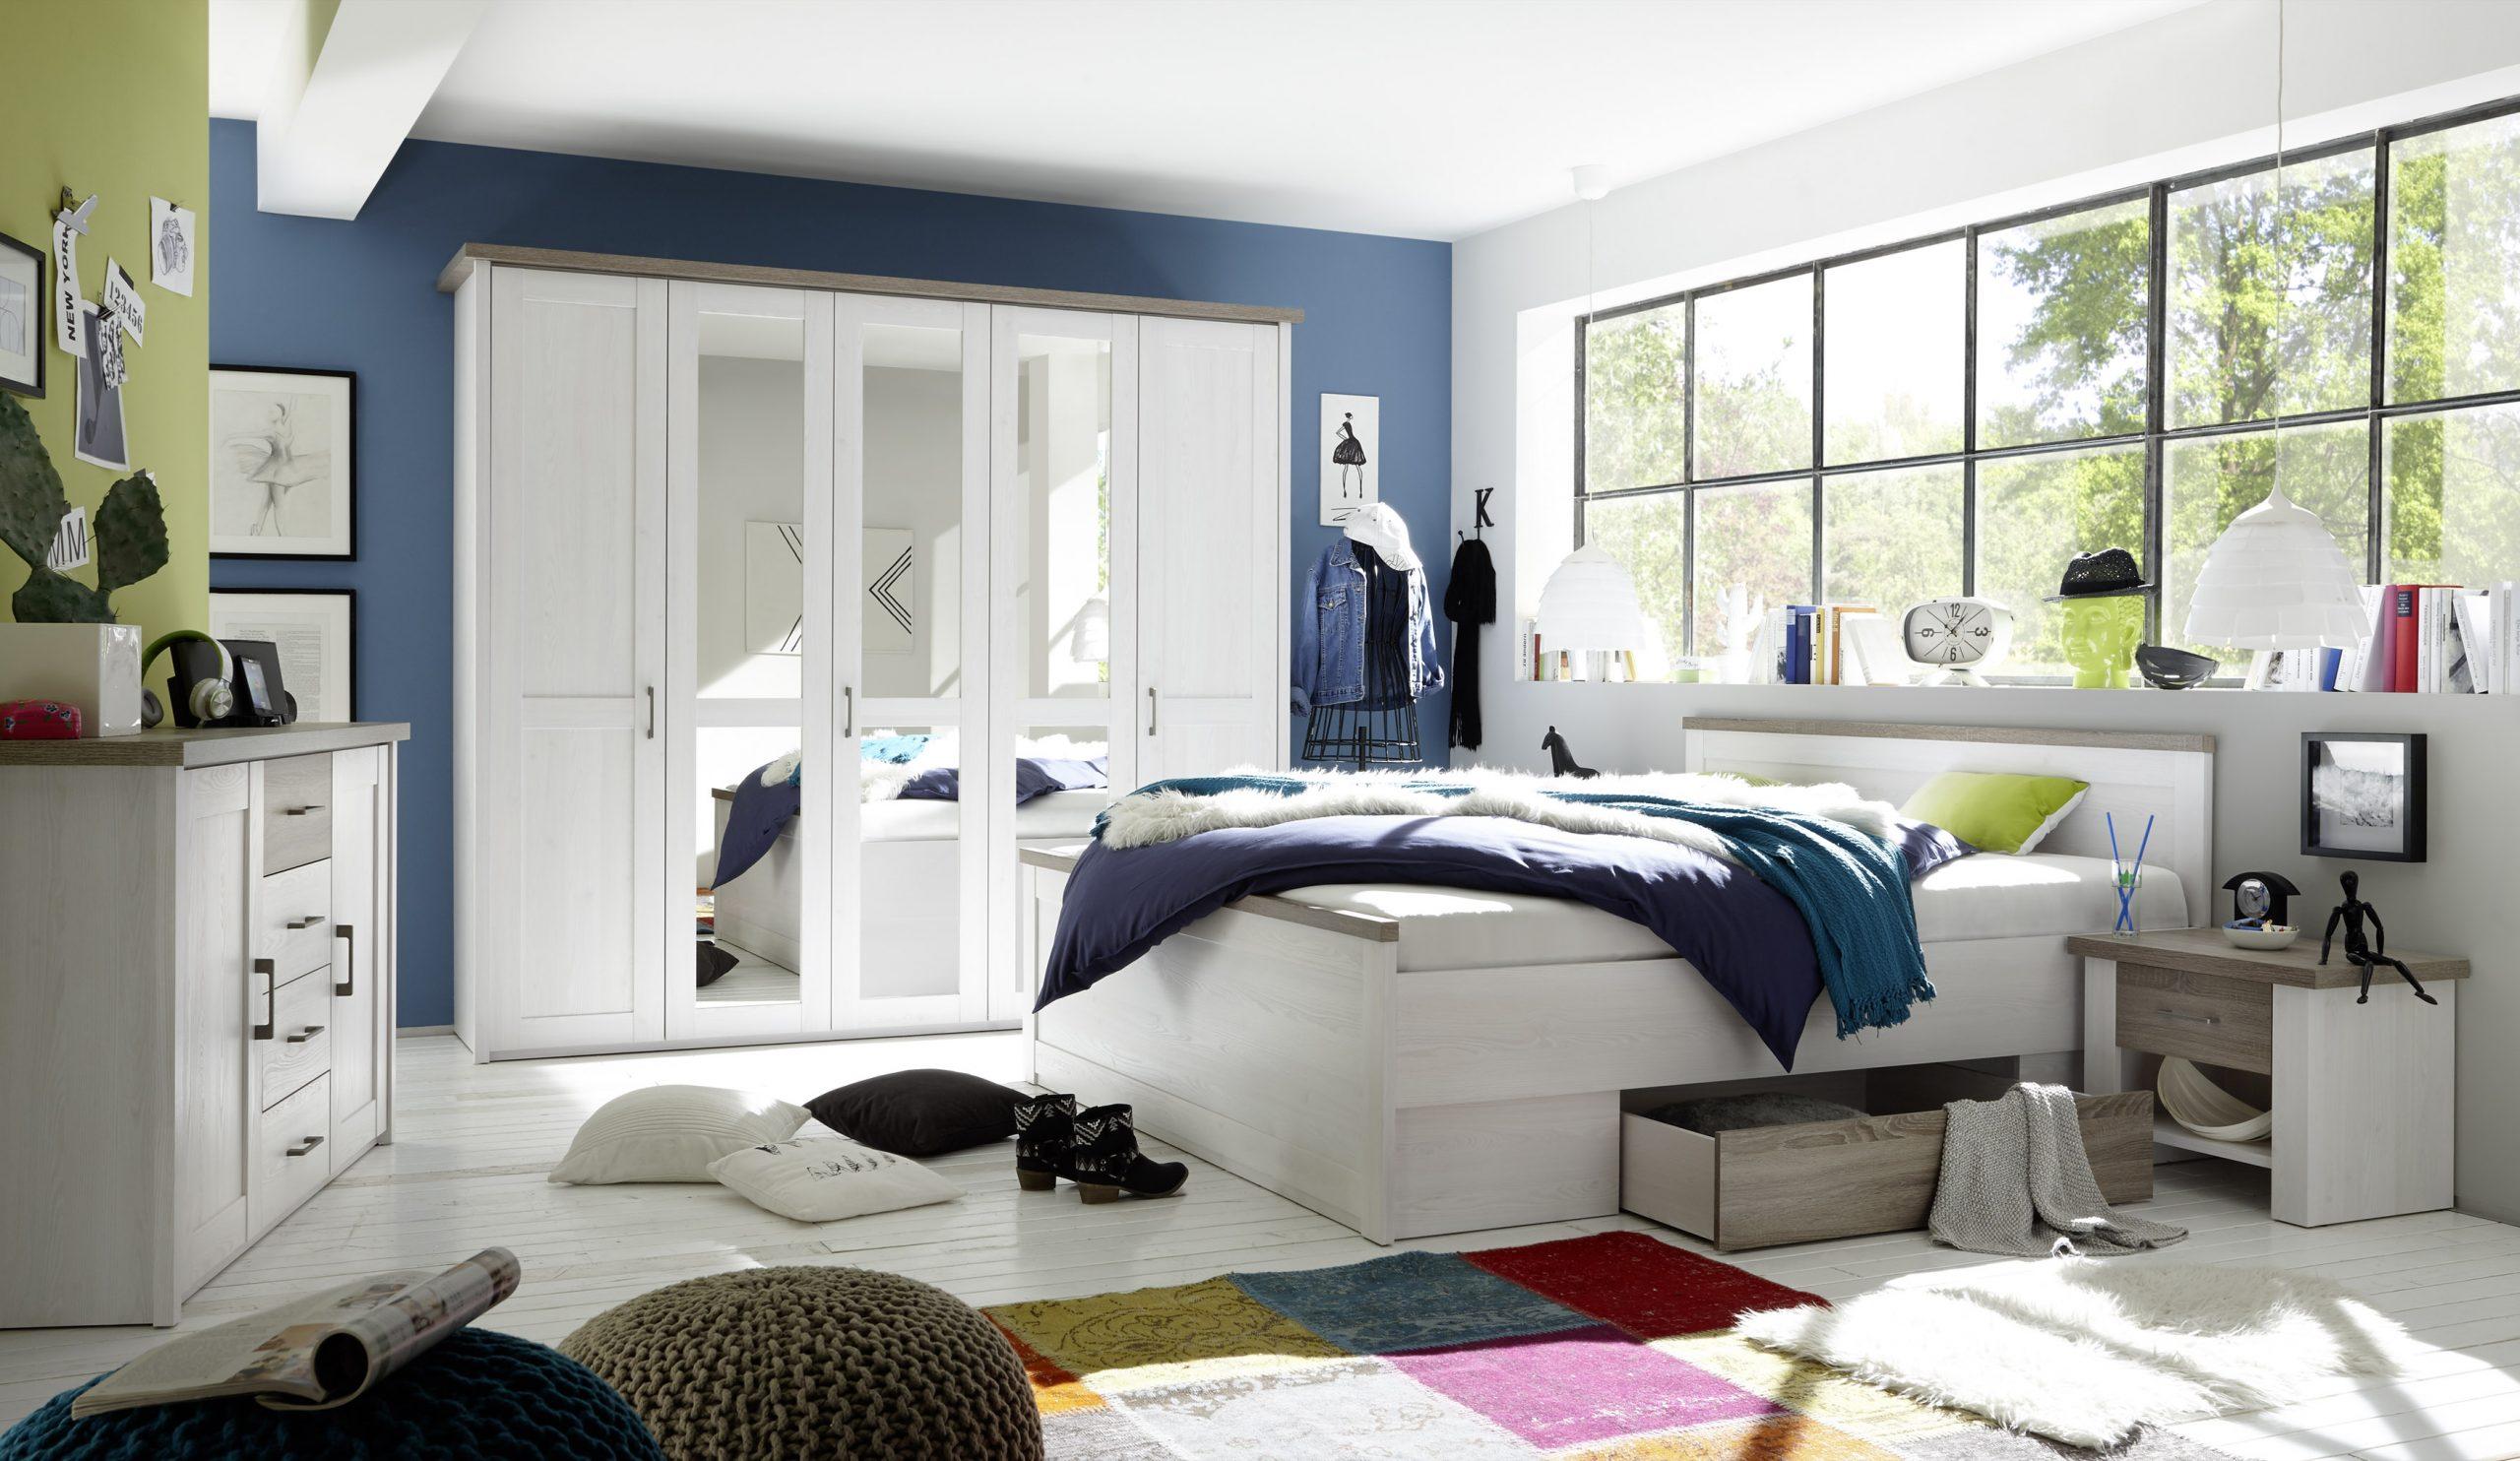 Full Size of Schlafzimmer Komplett Weiß Set 5 Tlg Bett 180 Kleiderschrank Kommoden Weißer Esstisch Weißes 140x200 Regal Deckenleuchte Weiße Betten Wandlampe Komplettes Schlafzimmer Schlafzimmer Komplett Weiß